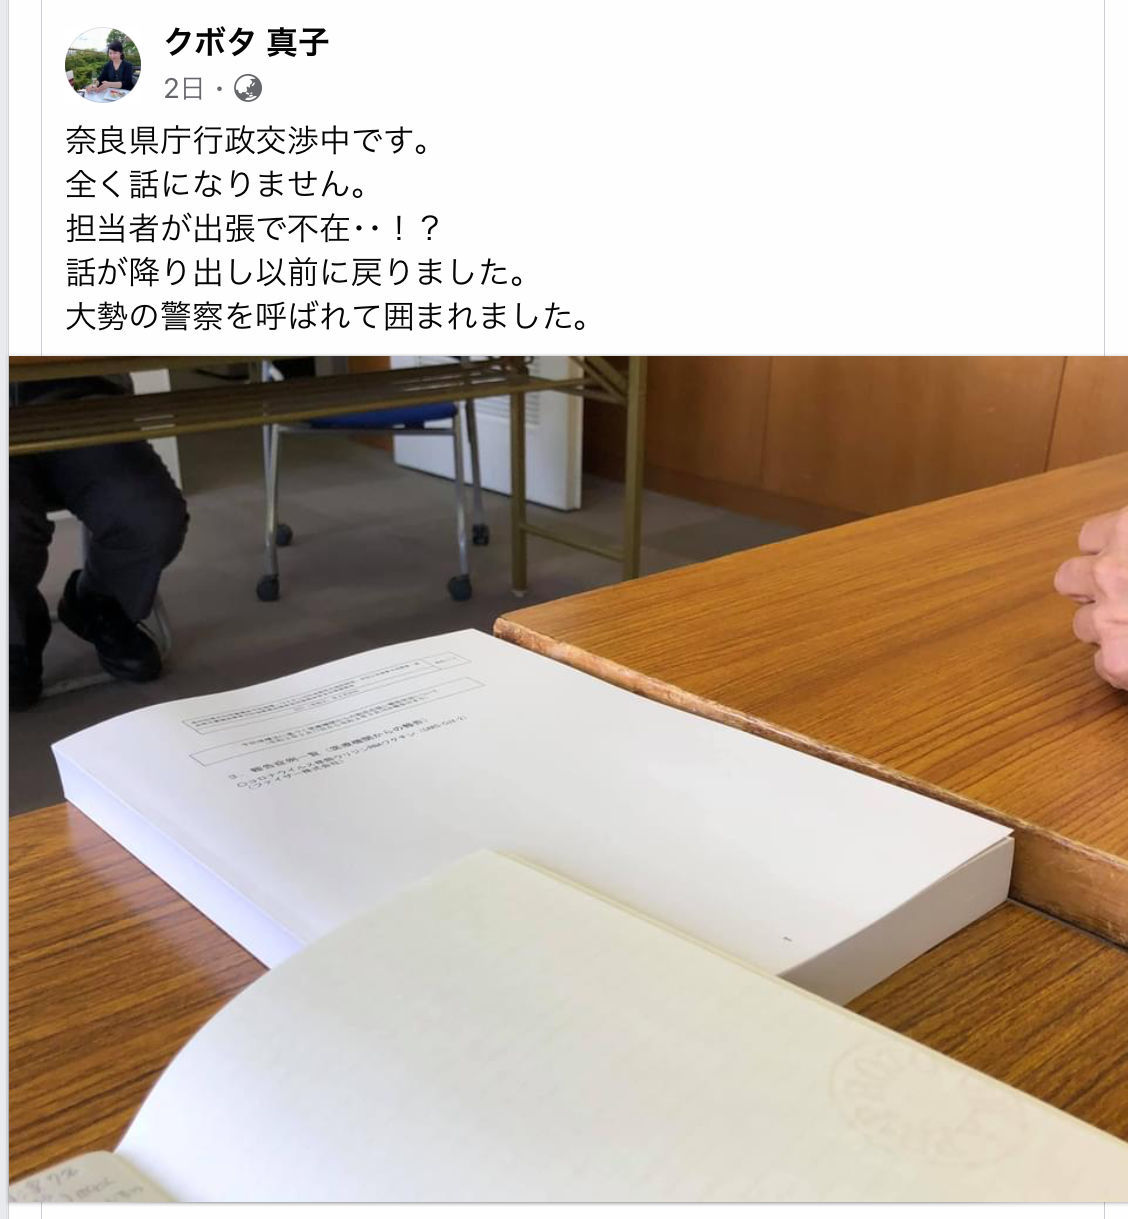 くるみぱん2 木村氏facebookより  遺伝子組み換え液体を打たせたくない との一心で、奈良県庁に 「接種事業